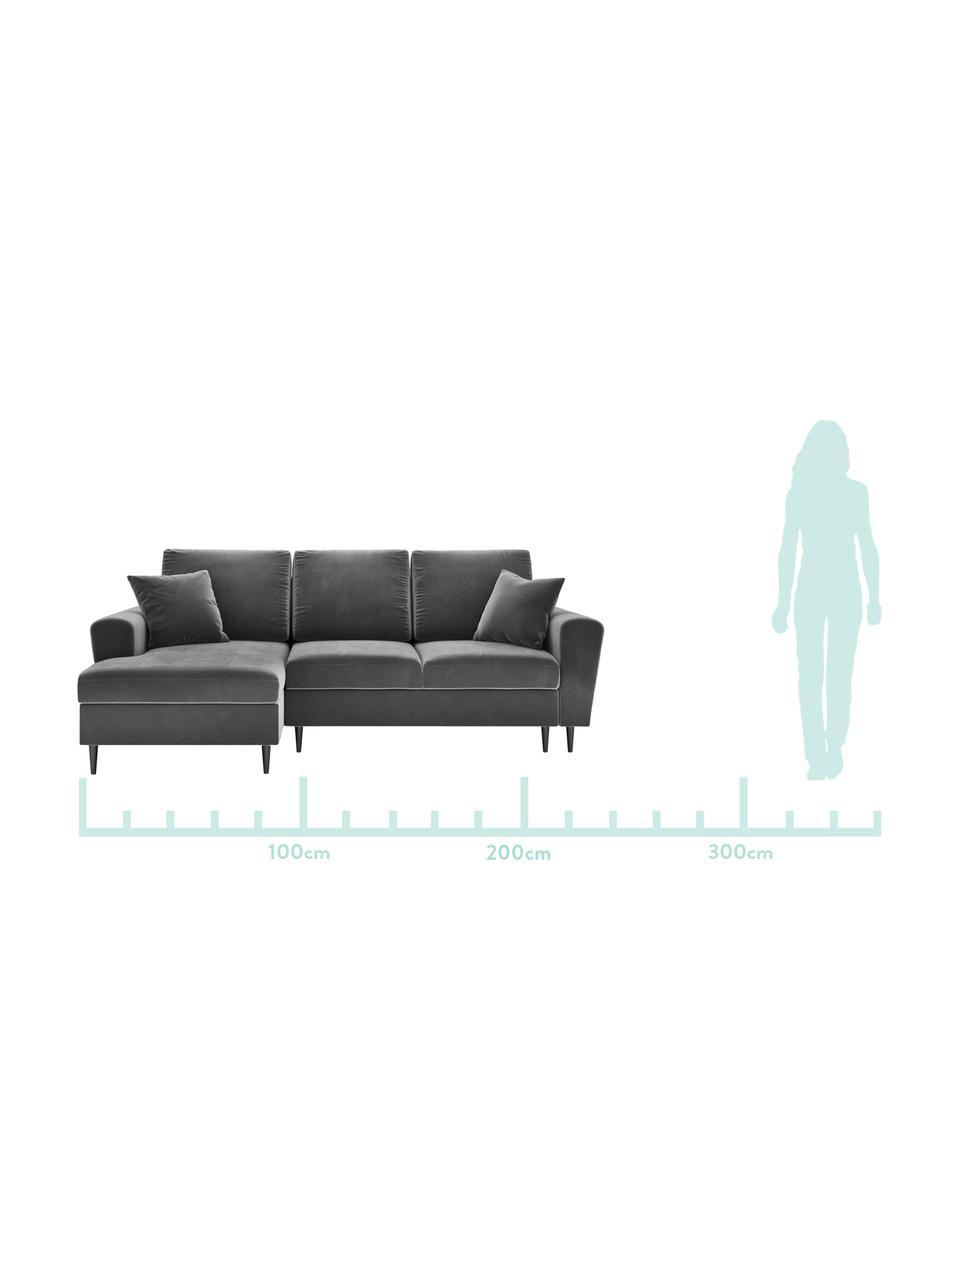 Sofa narożna z funkcją spania z miejscem do przechowywania Moghan (4-osobowa), Tapicerka: aksamit poliestrowy Dzięk, Stelaż: lite drewno sosnowe, skle, Nogi: metal lakierowany, Szary, czarny, S 236 x G 145 cm (lewostronna)